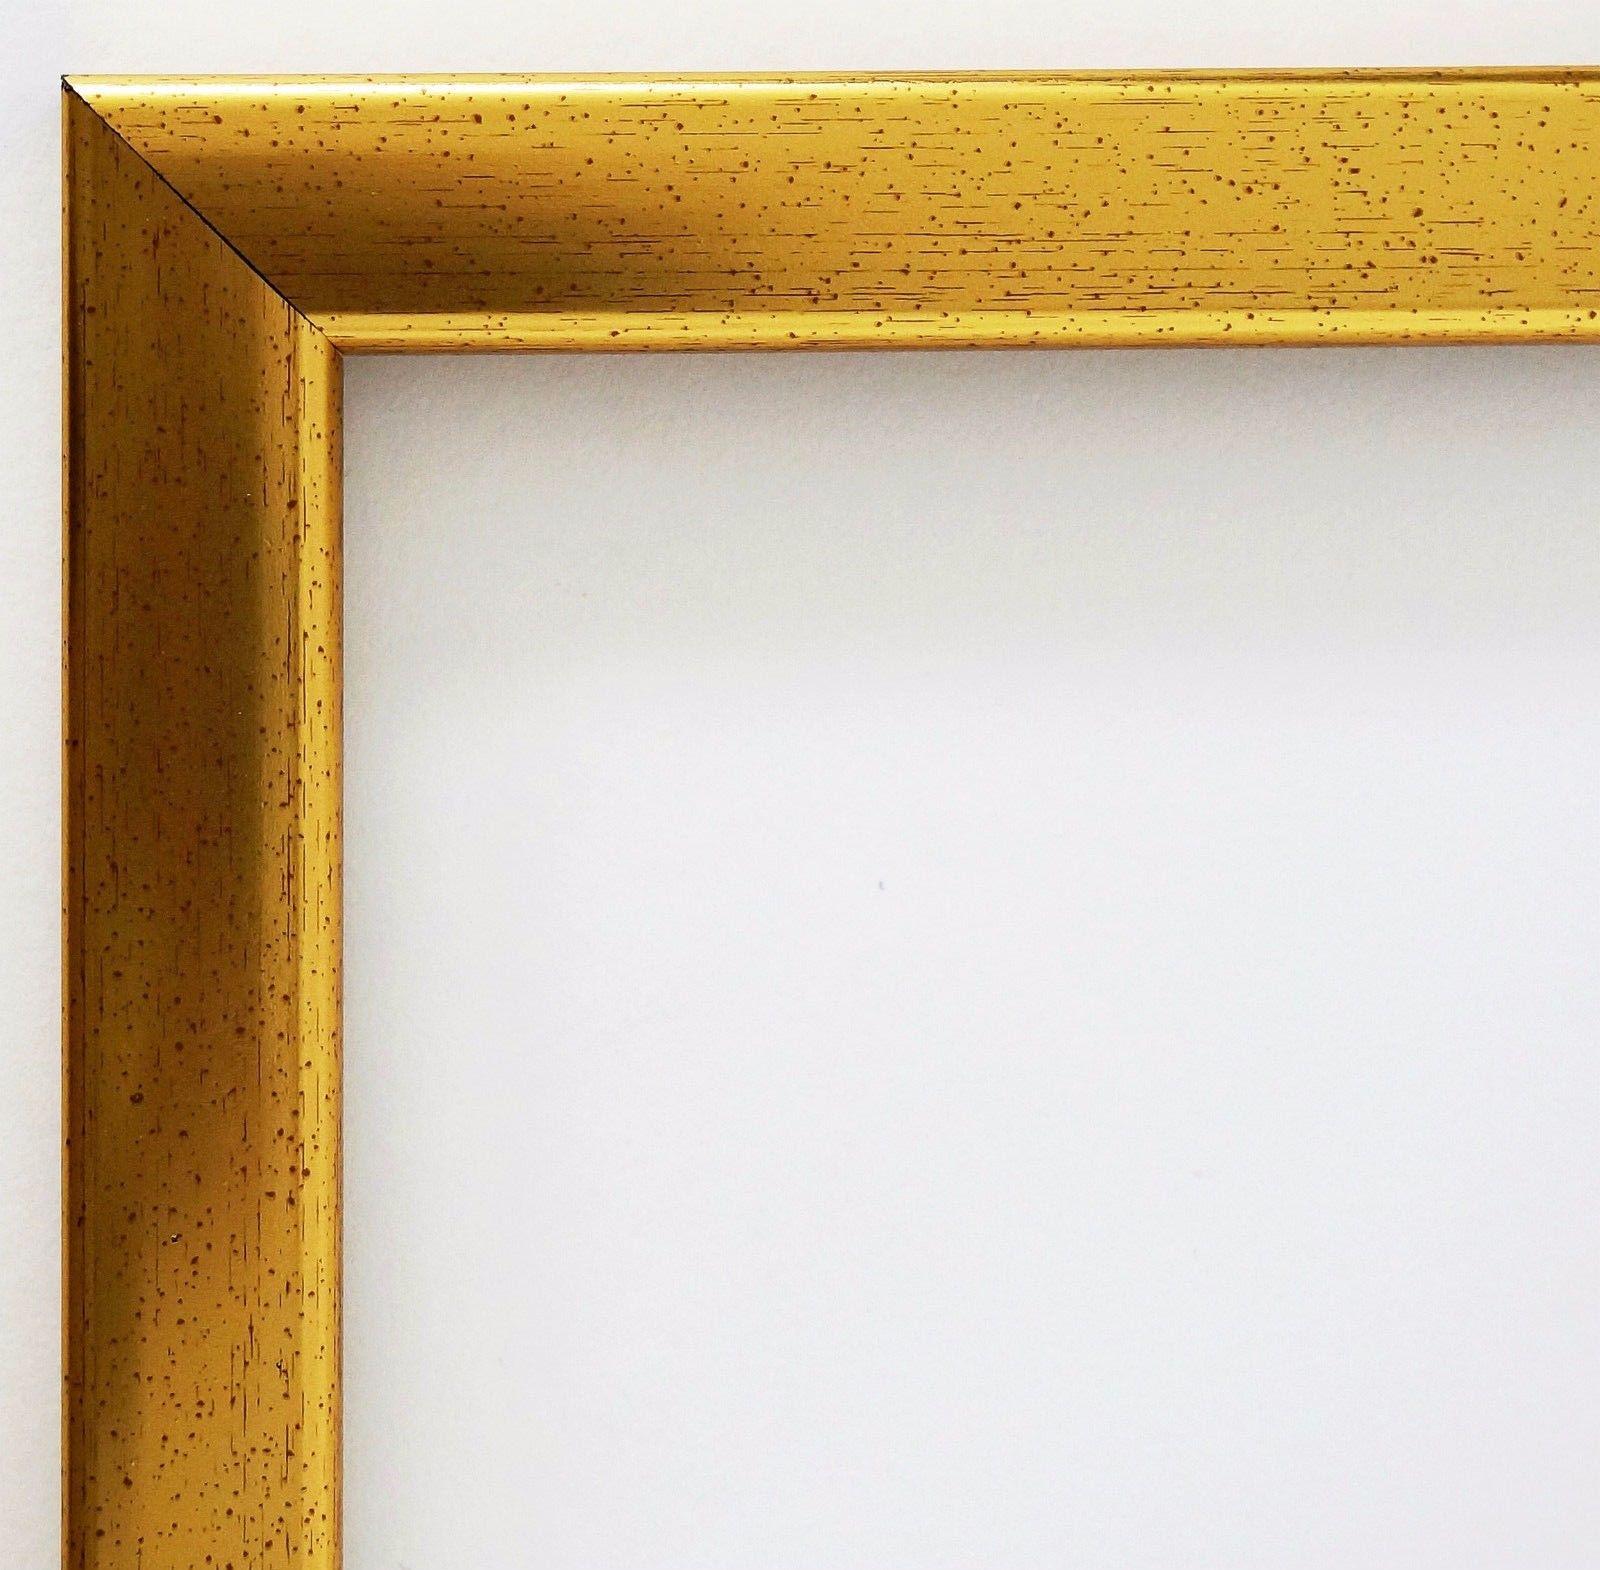 Nett Zwei Rahmenbilderrahmen Fotos - Benutzerdefinierte Bilderrahmen ...